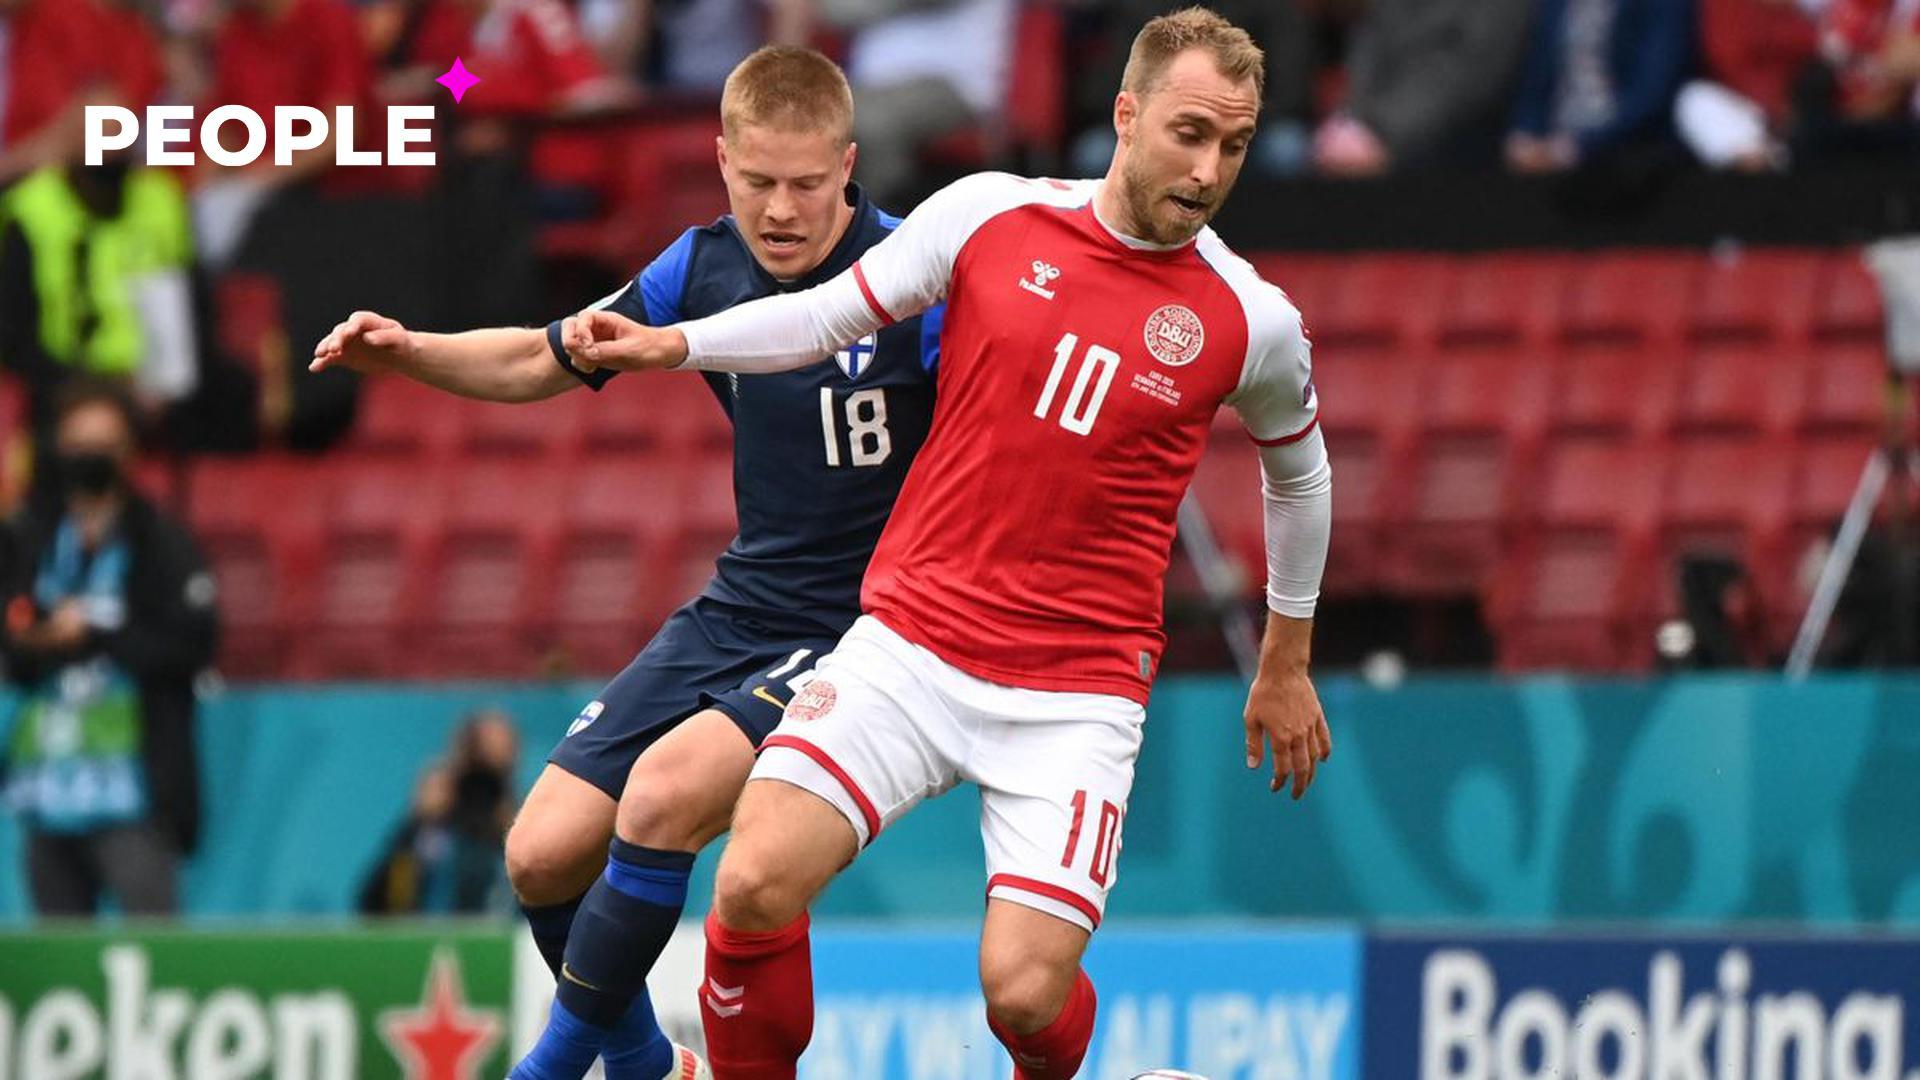 Игрок сборной Дании по футболу упал в обморок во время матча на Чемпионате Европы 2020